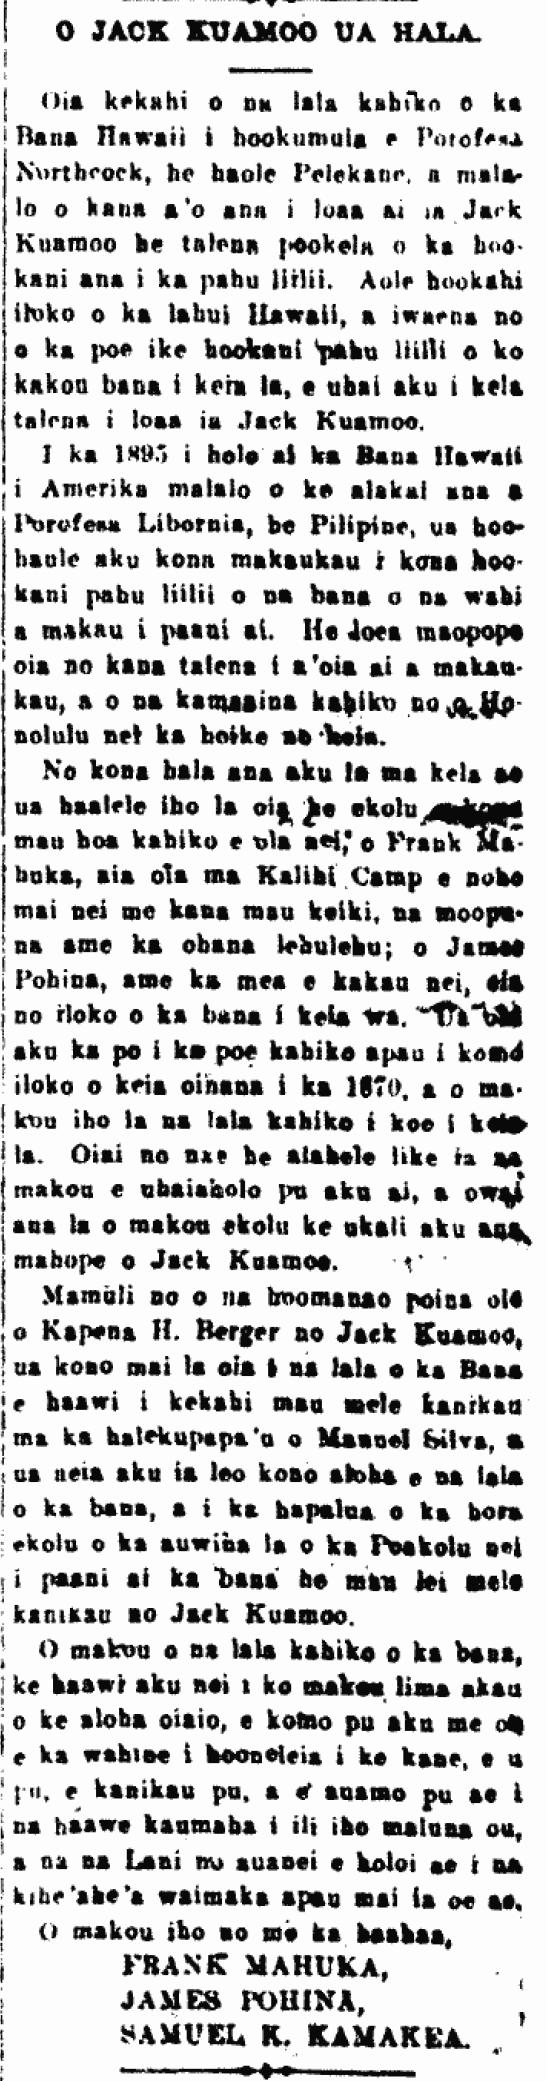 O JACK KUAMOO UA HALA.